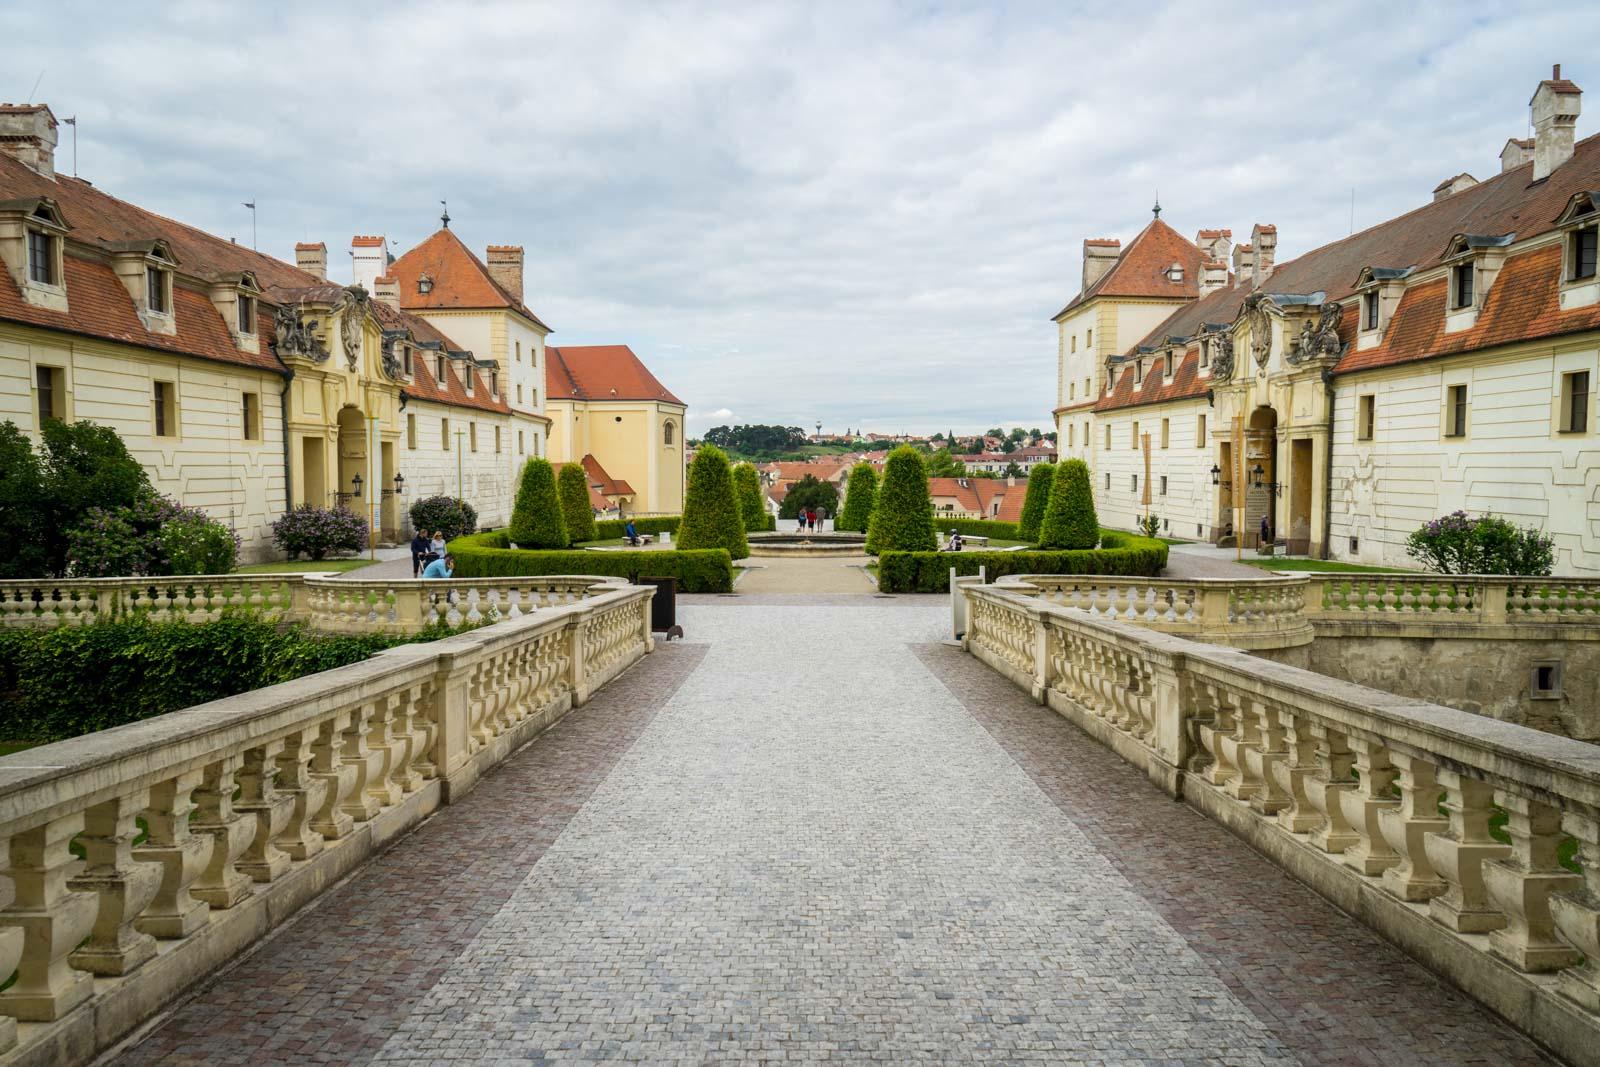 Lednice-Valtice, Czech Republic